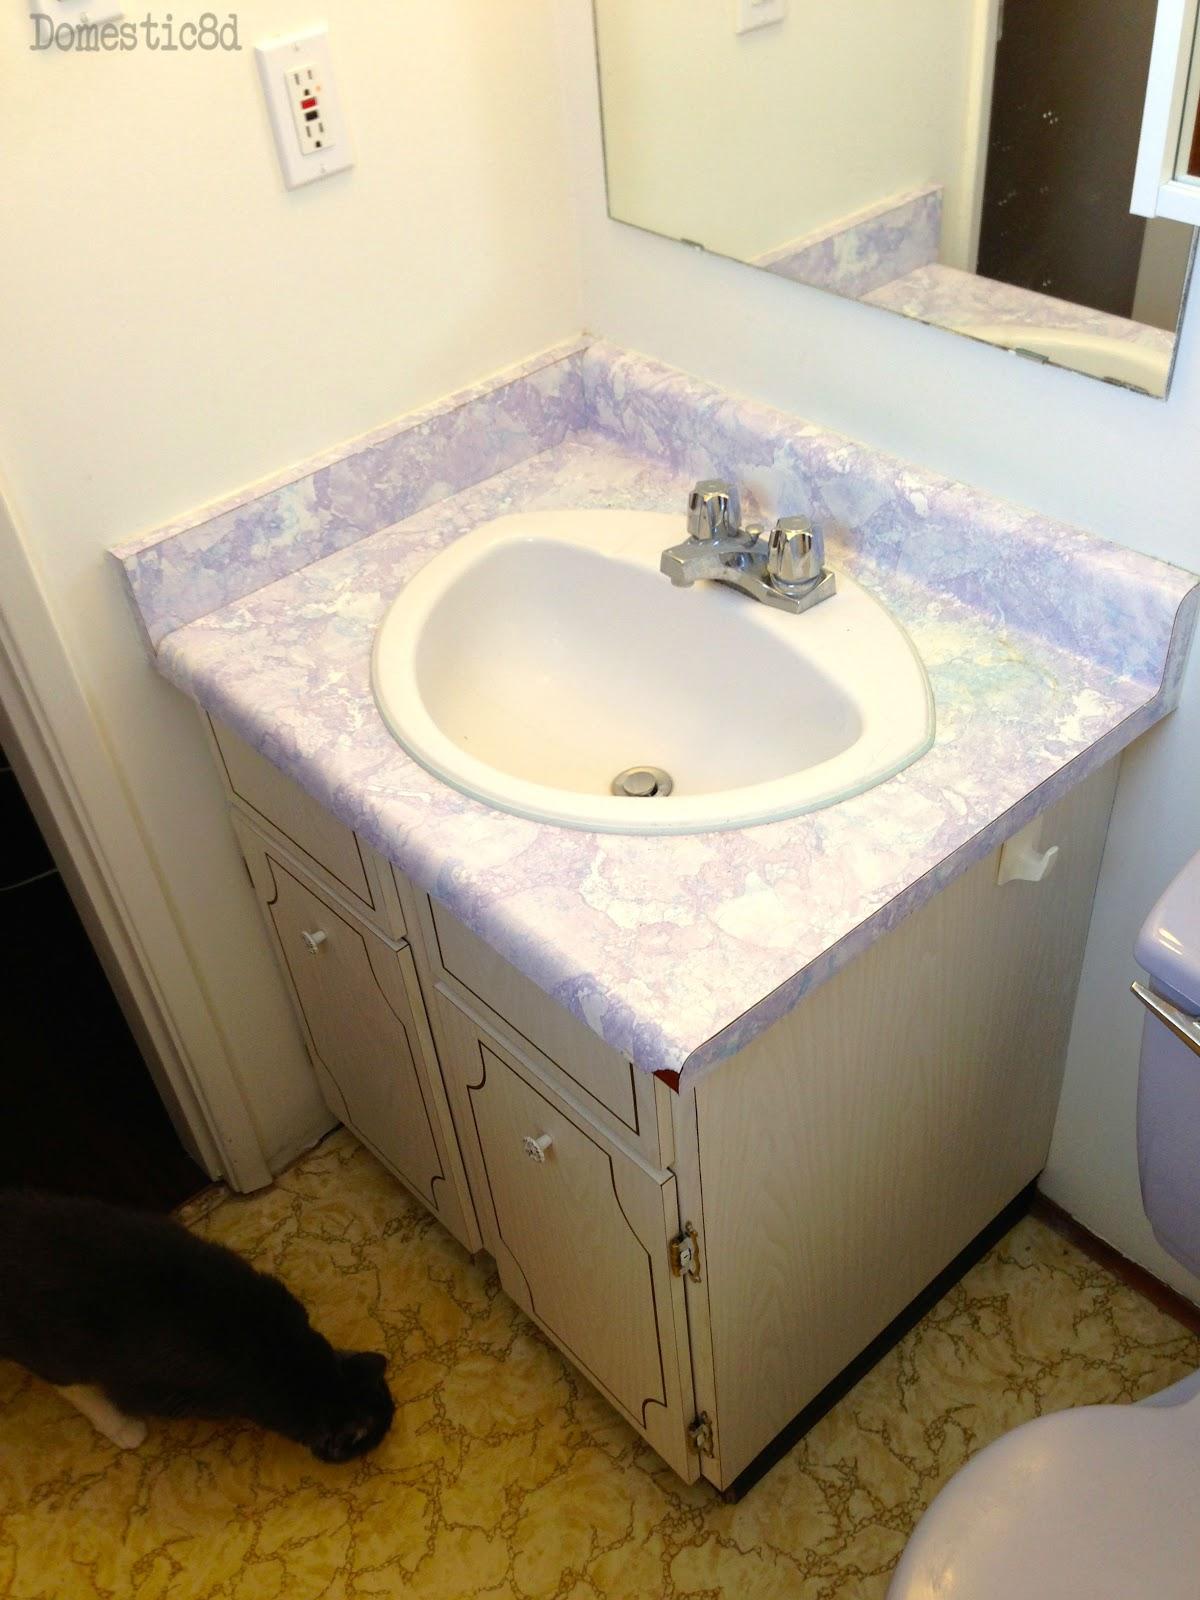 Domestic8d En Suite Powder Room Reno Part I